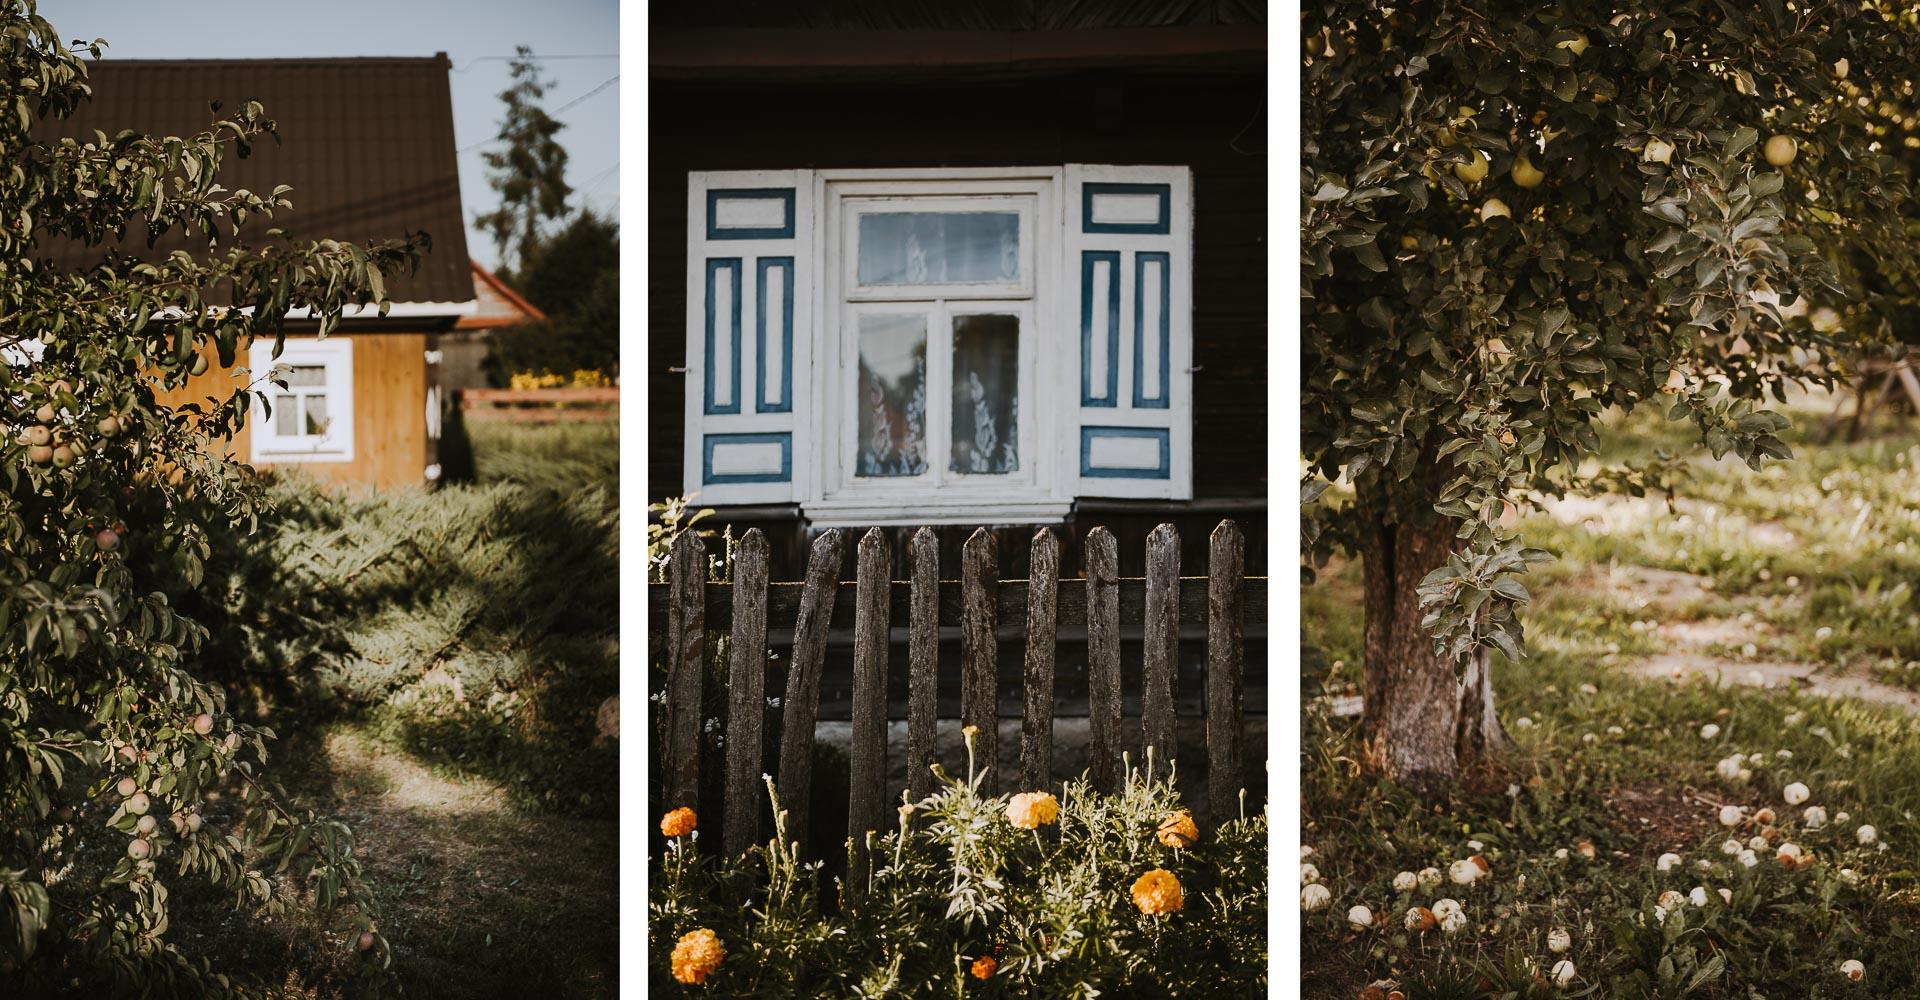 Atrakcje Podlasia - kraina otwartych okiennic